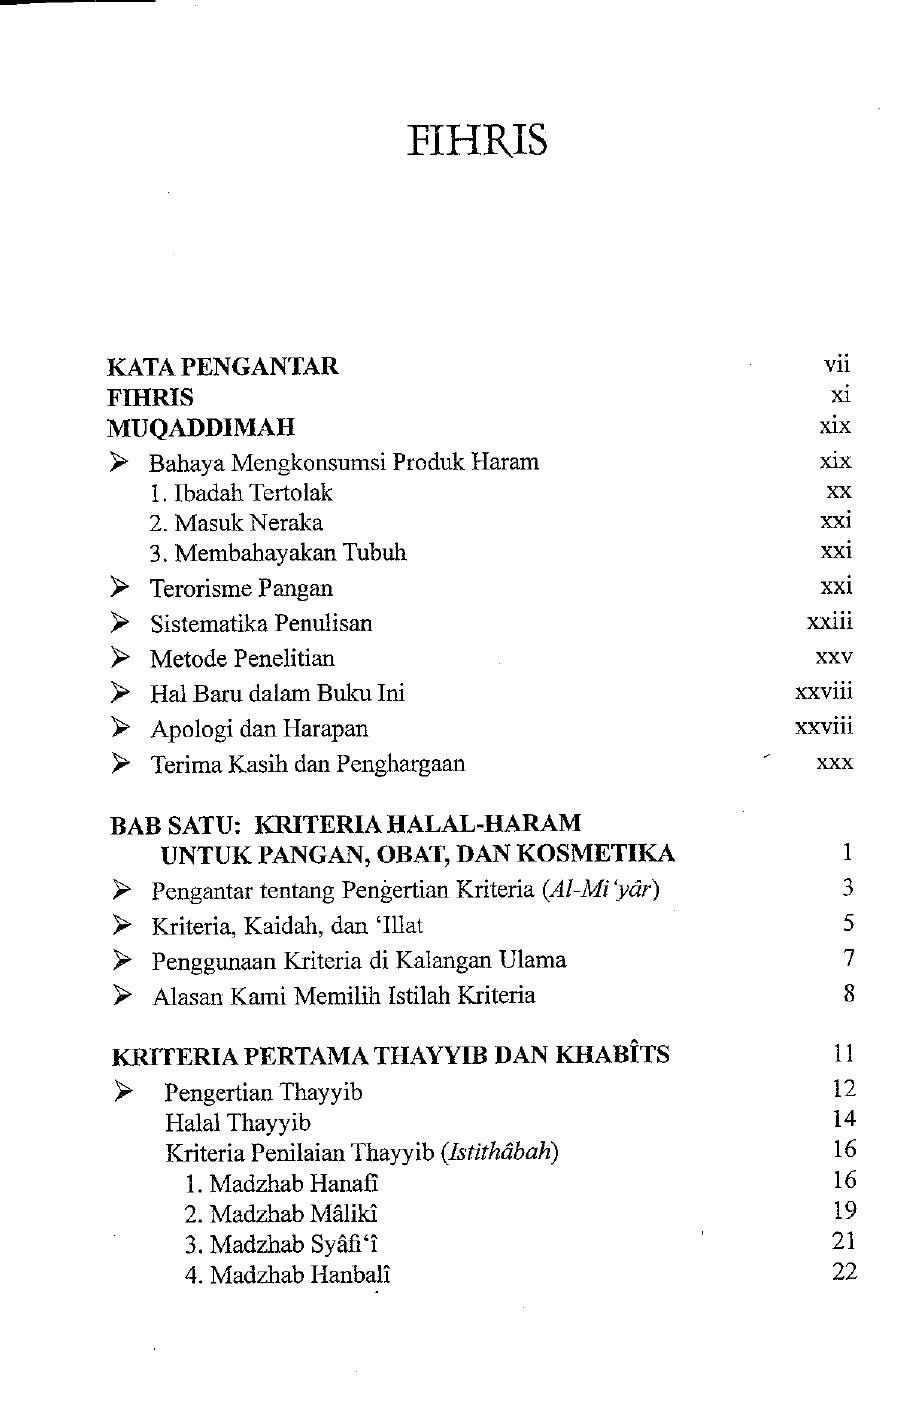 Kriteria Makanan Halal Dan Haram : kriteria, makanan, halal, haram, Kriteria, Halal, Haram, Document]